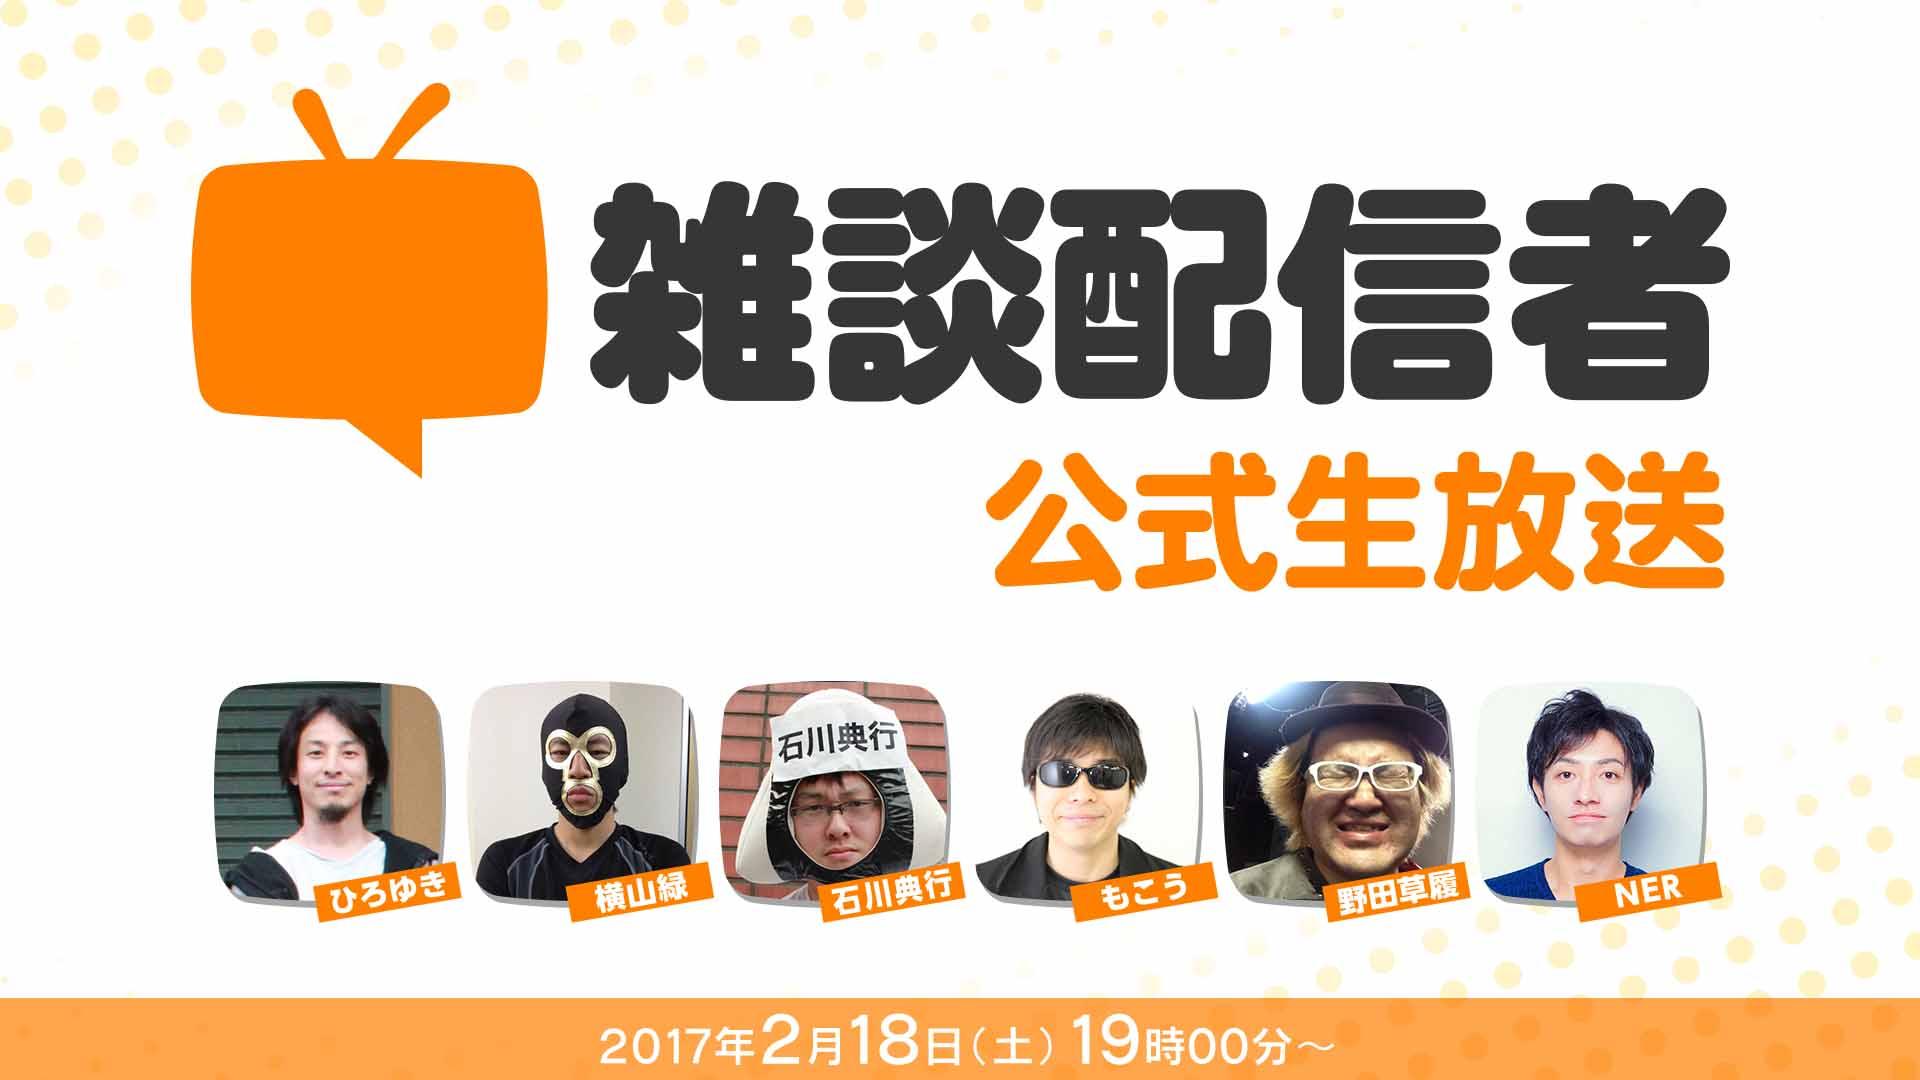 「雑談配信者」公式生放送(2017/1/28)